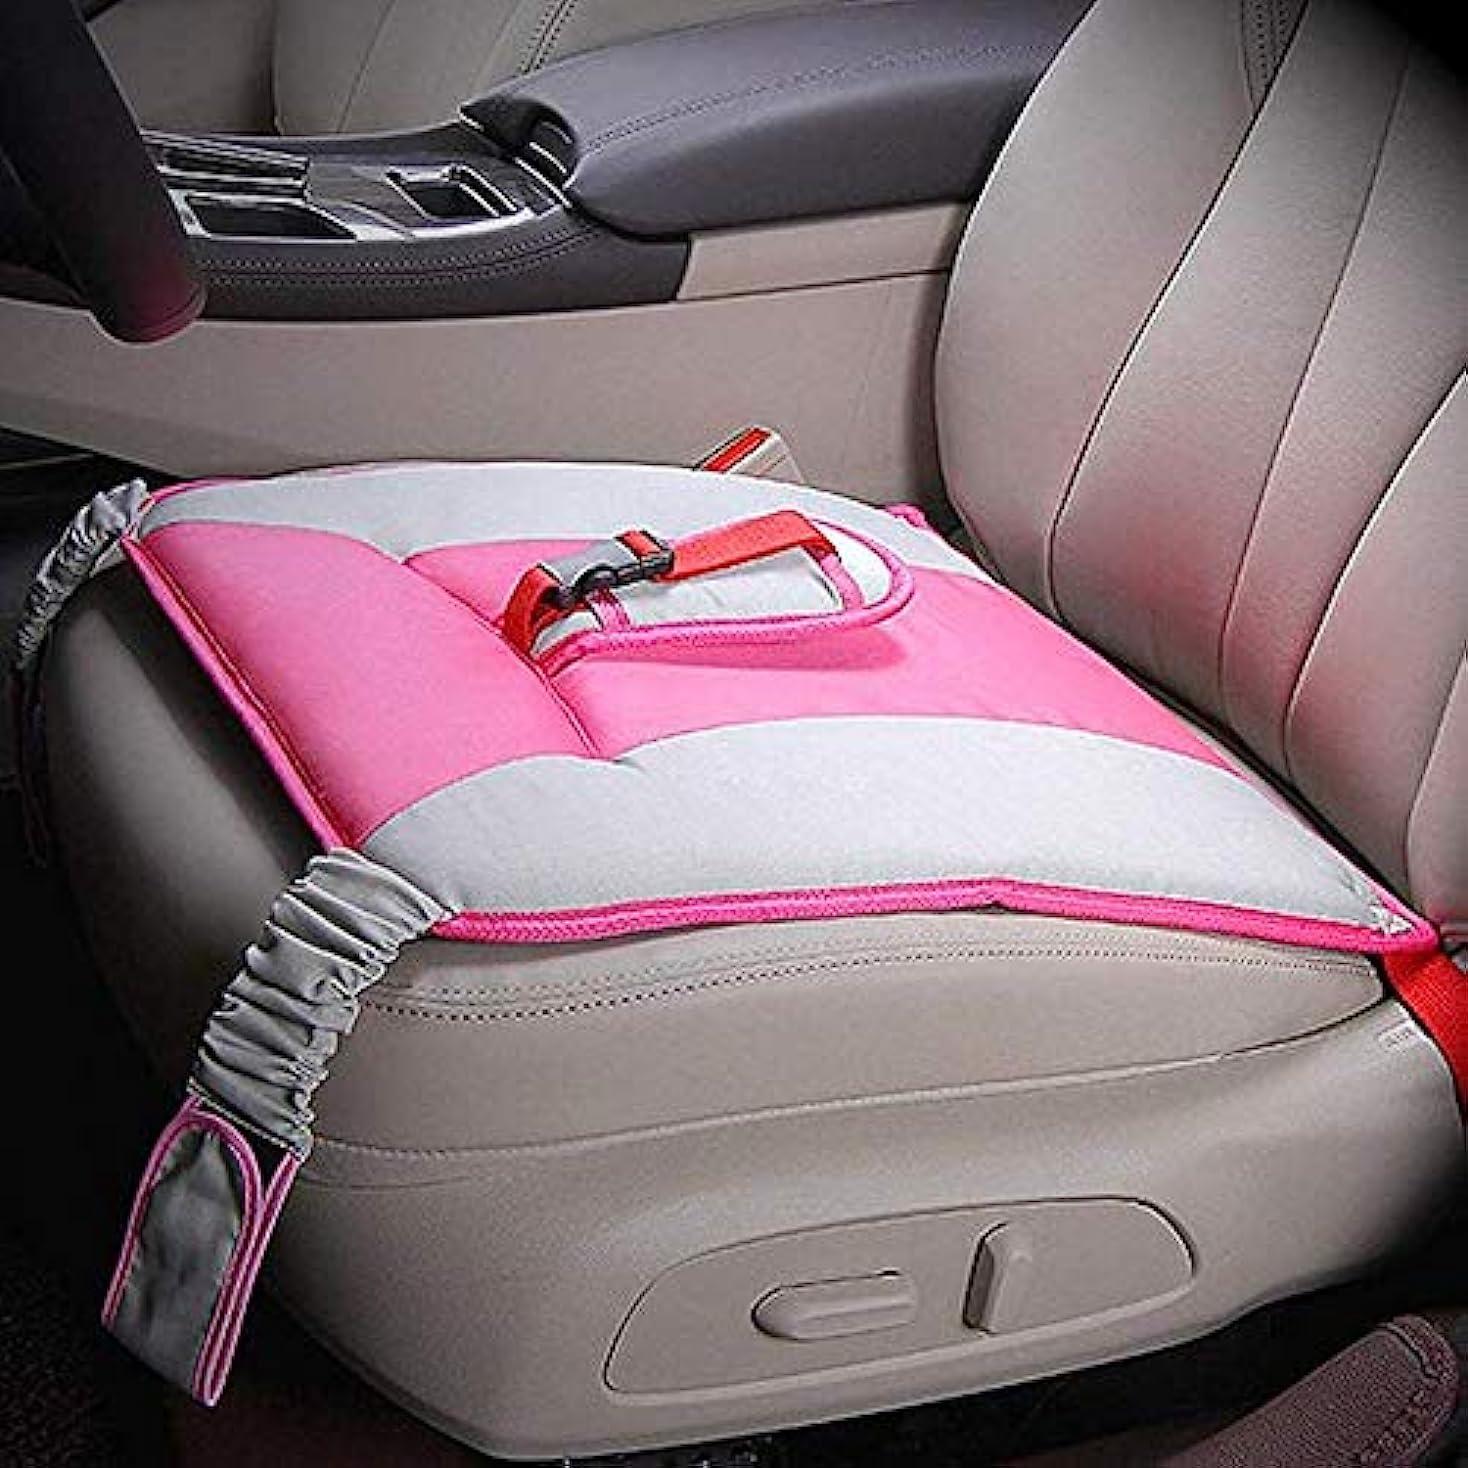 一族散文経度LYX 妊娠中の女性のための特別な車のシートベルト、胎児通気性と調整可能な妊婦安全運転車のシートベルトのソフトクッションパッド保護ストラップを守ります (Color : ピンク)